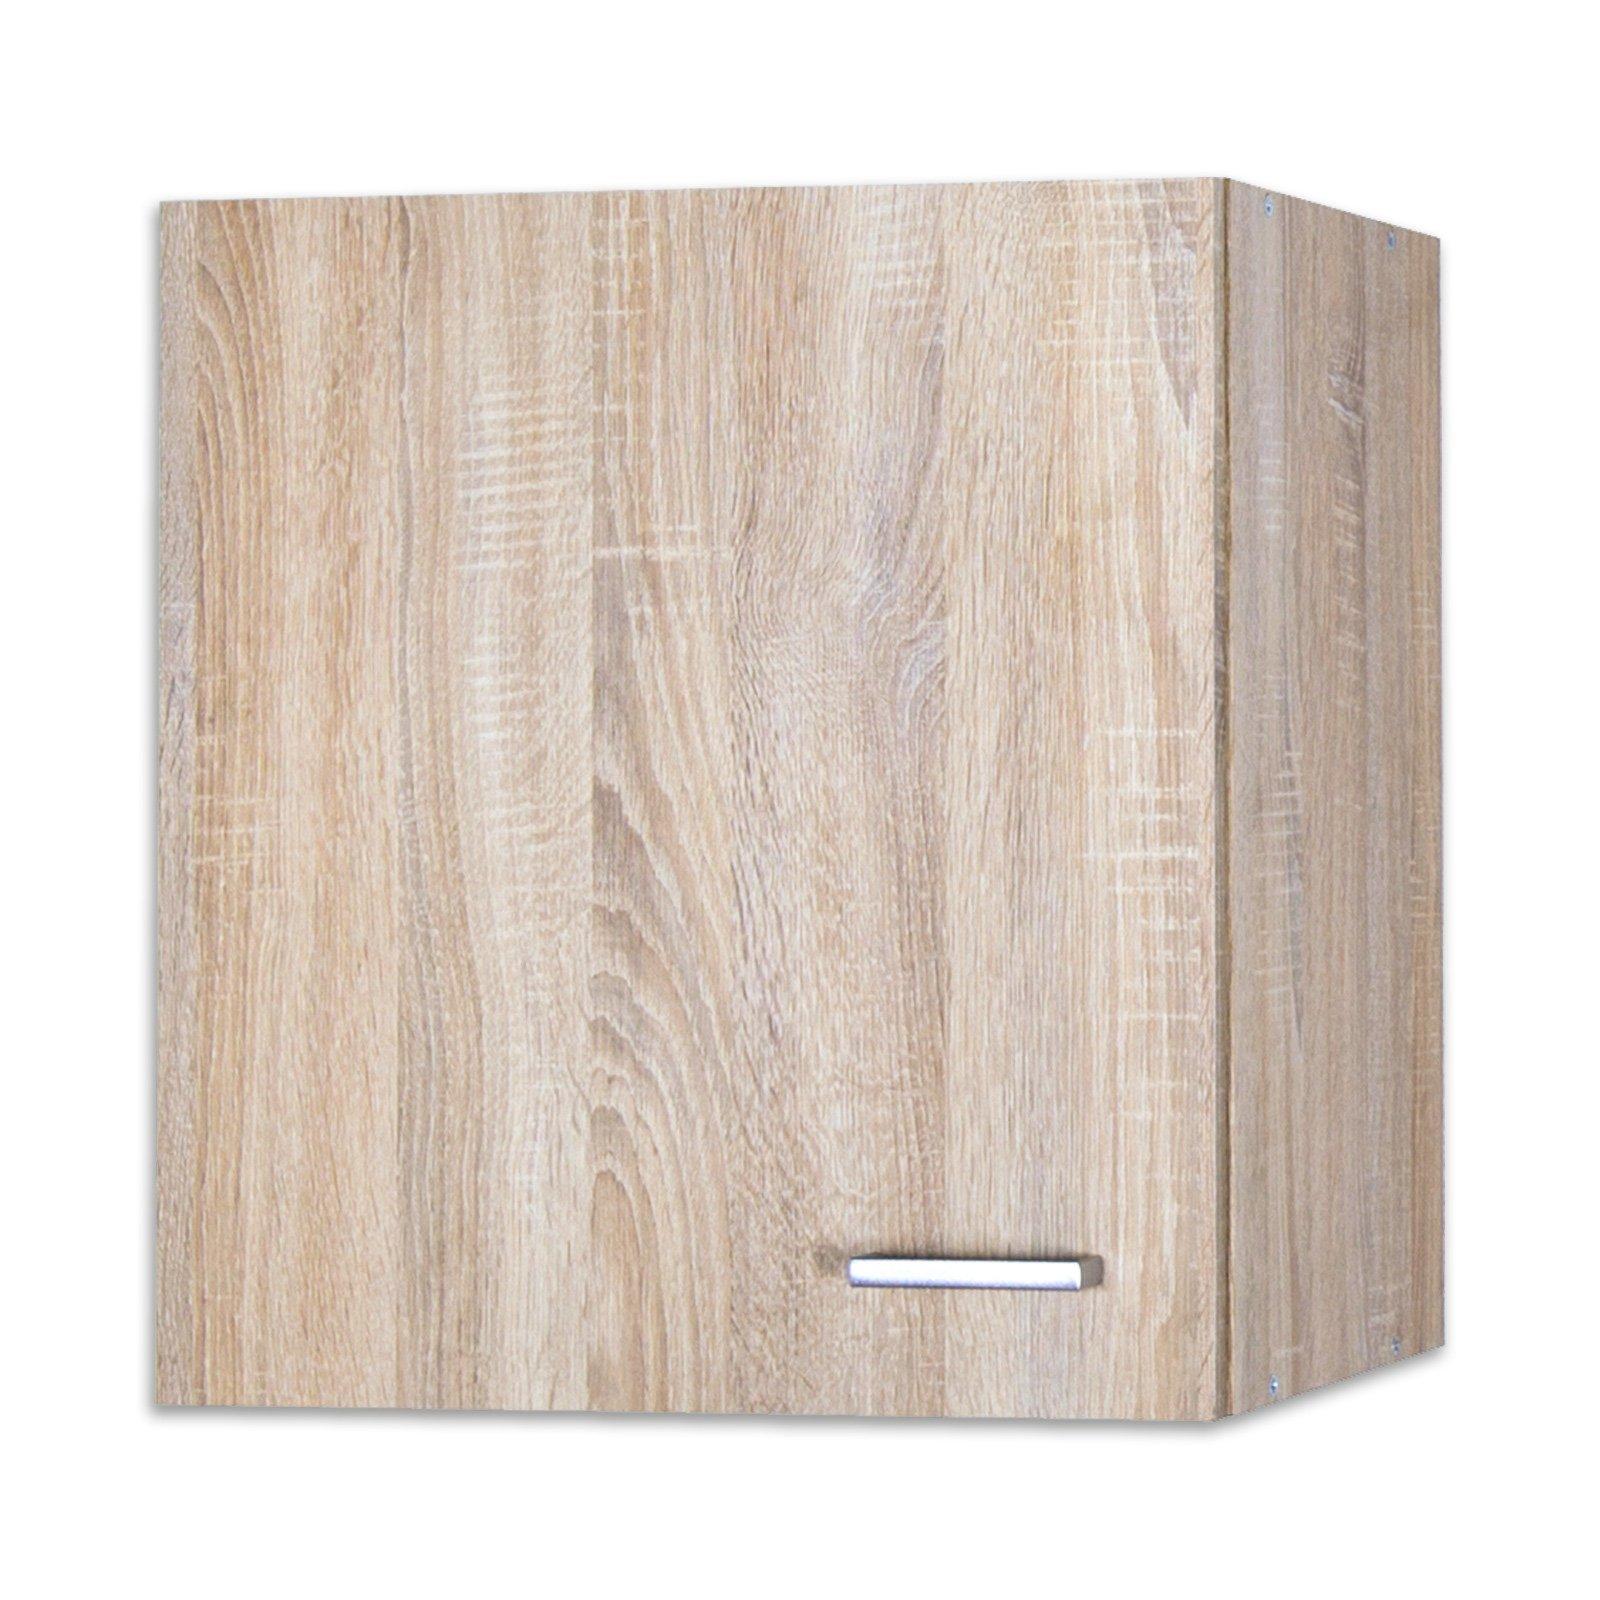 h ngeschrank sinja sonoma eiche 50x35 cm h ngeschr nke einzelschr nke k chenschr nke. Black Bedroom Furniture Sets. Home Design Ideas